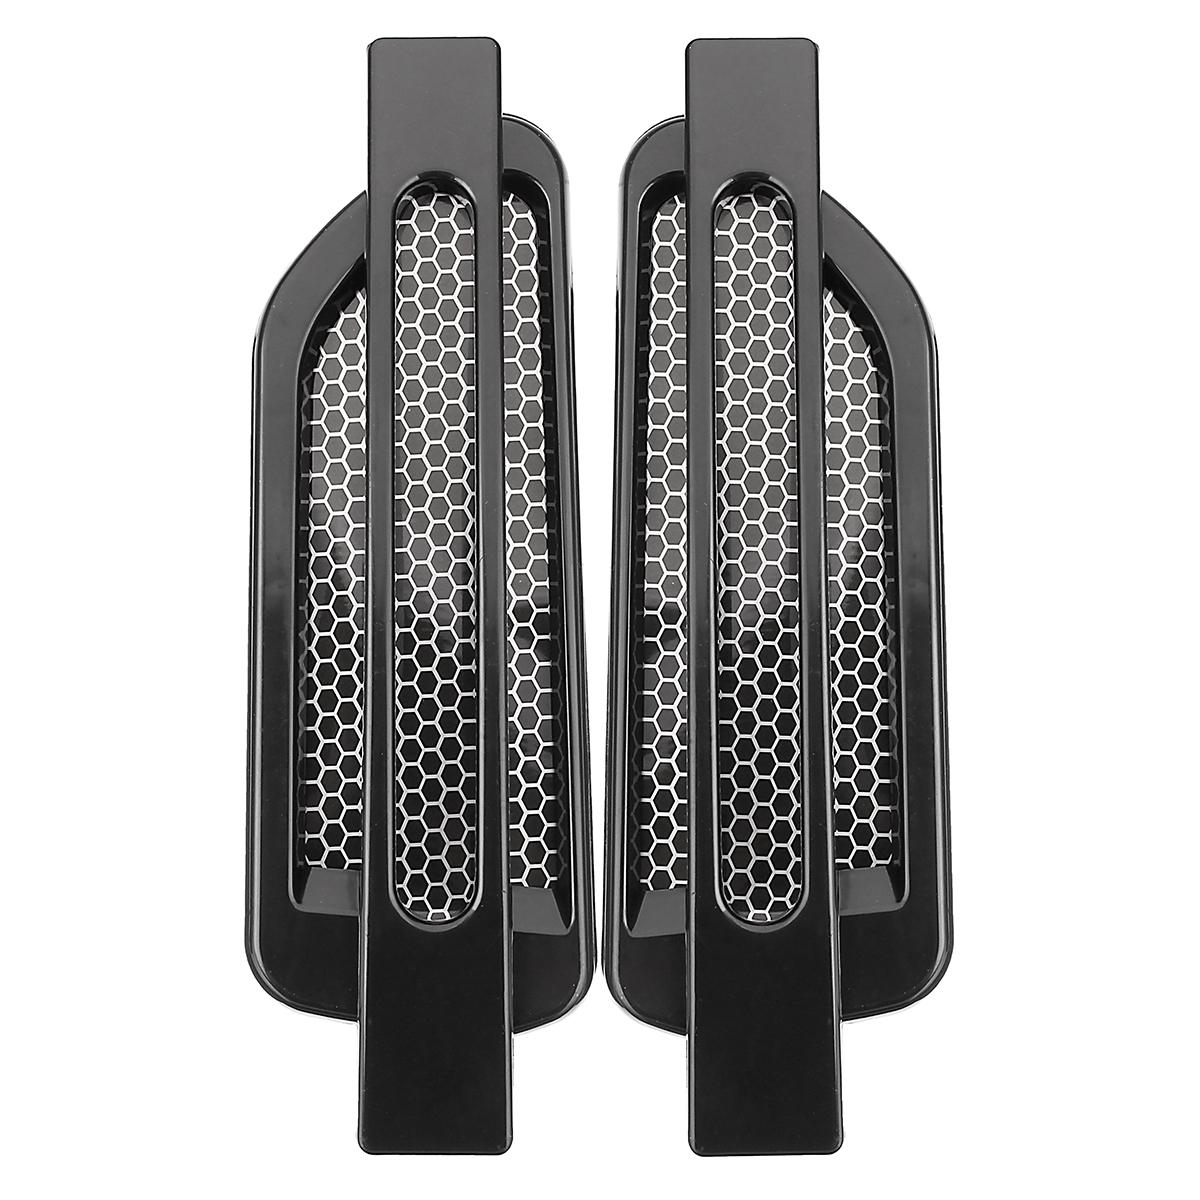 Pair Black Auto Car Side Air Flow Vent Fender Decorative Decor Sticker Universal